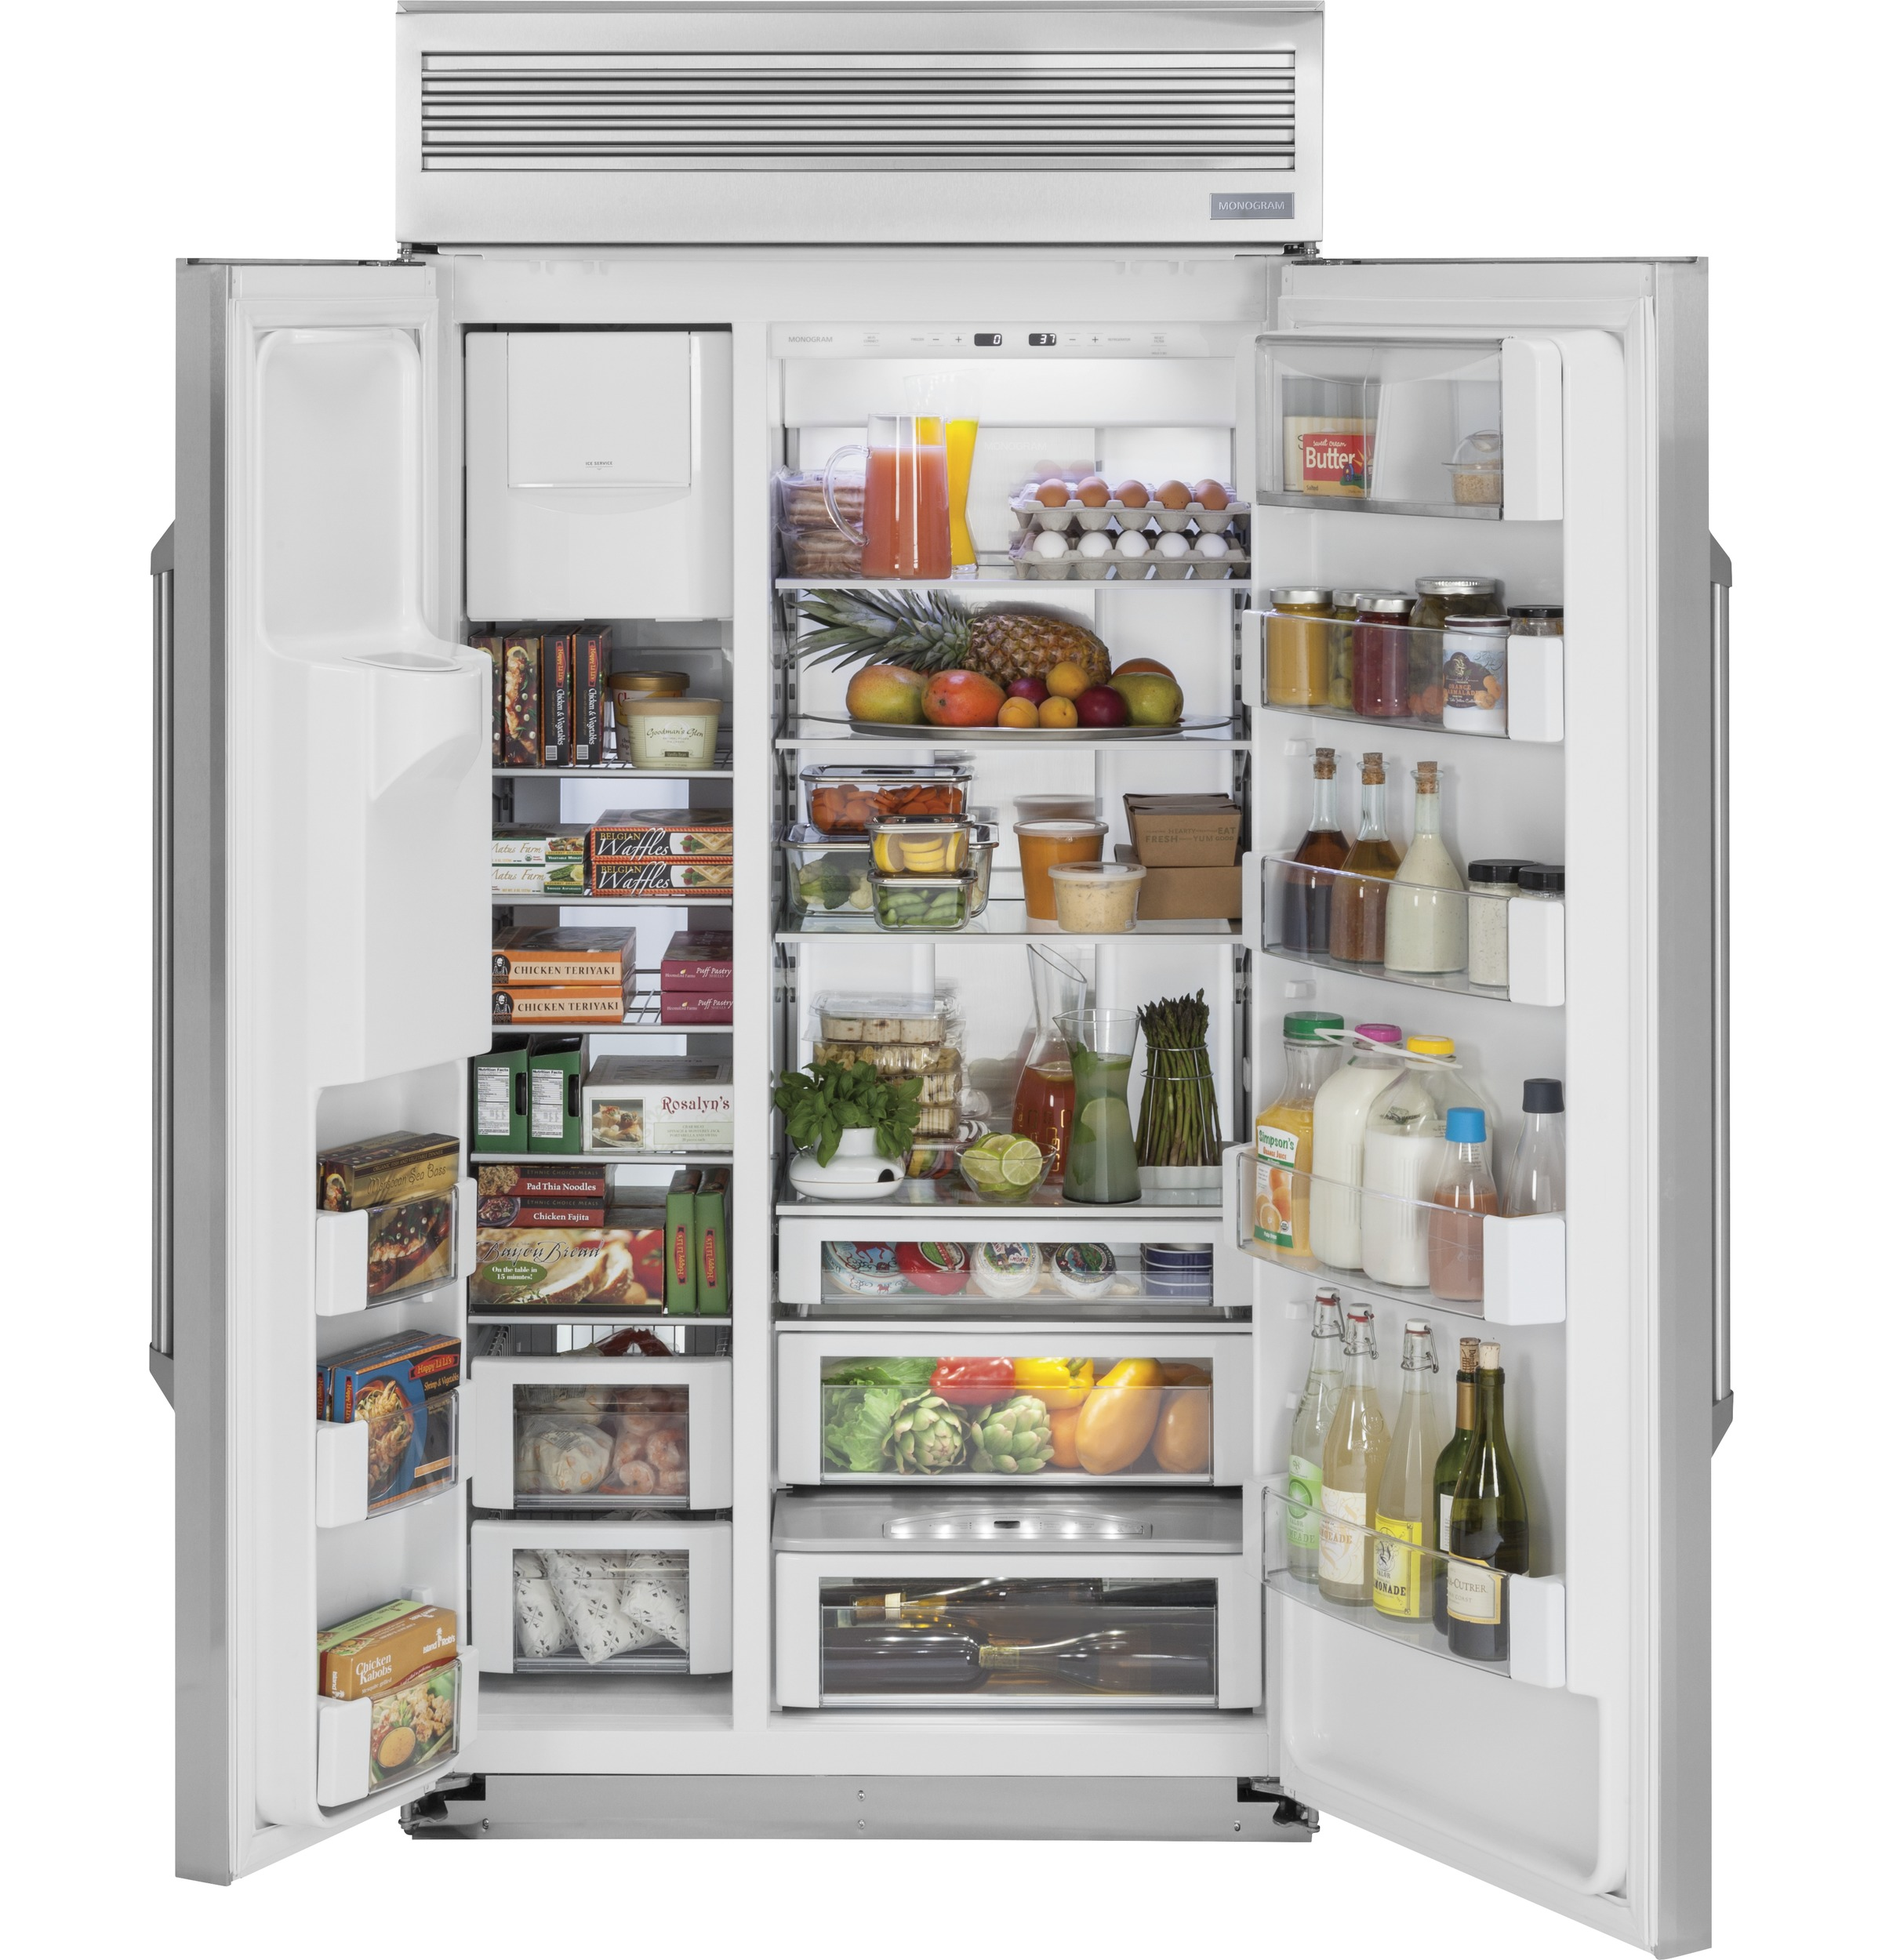 Greeru0027s Appliance Center